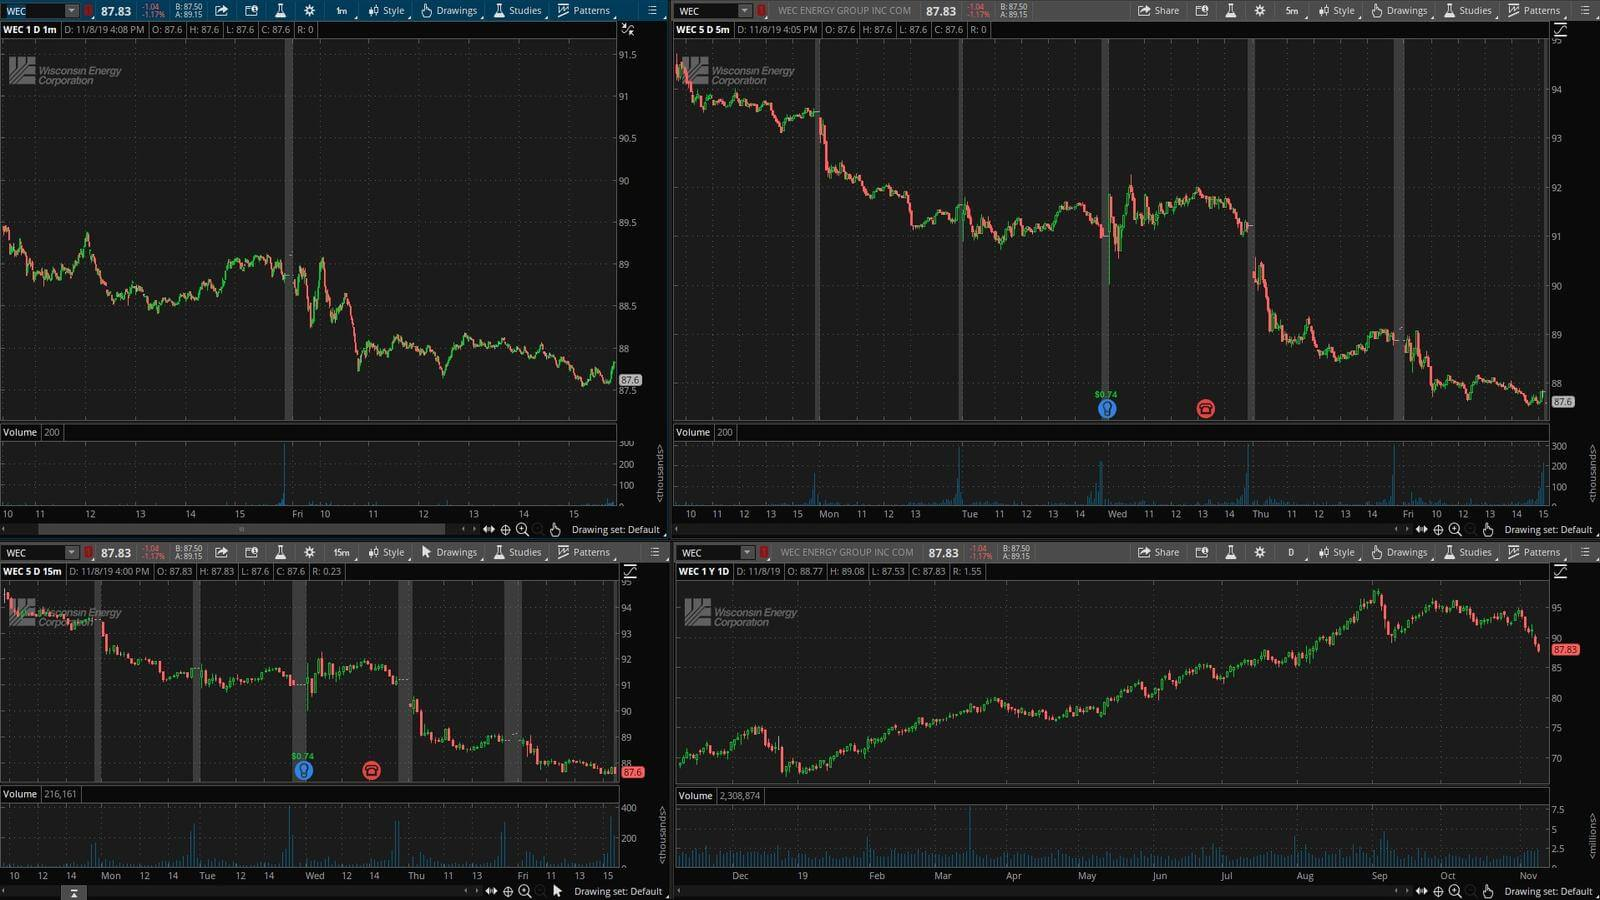 WEC - график акции на фондовой бирже